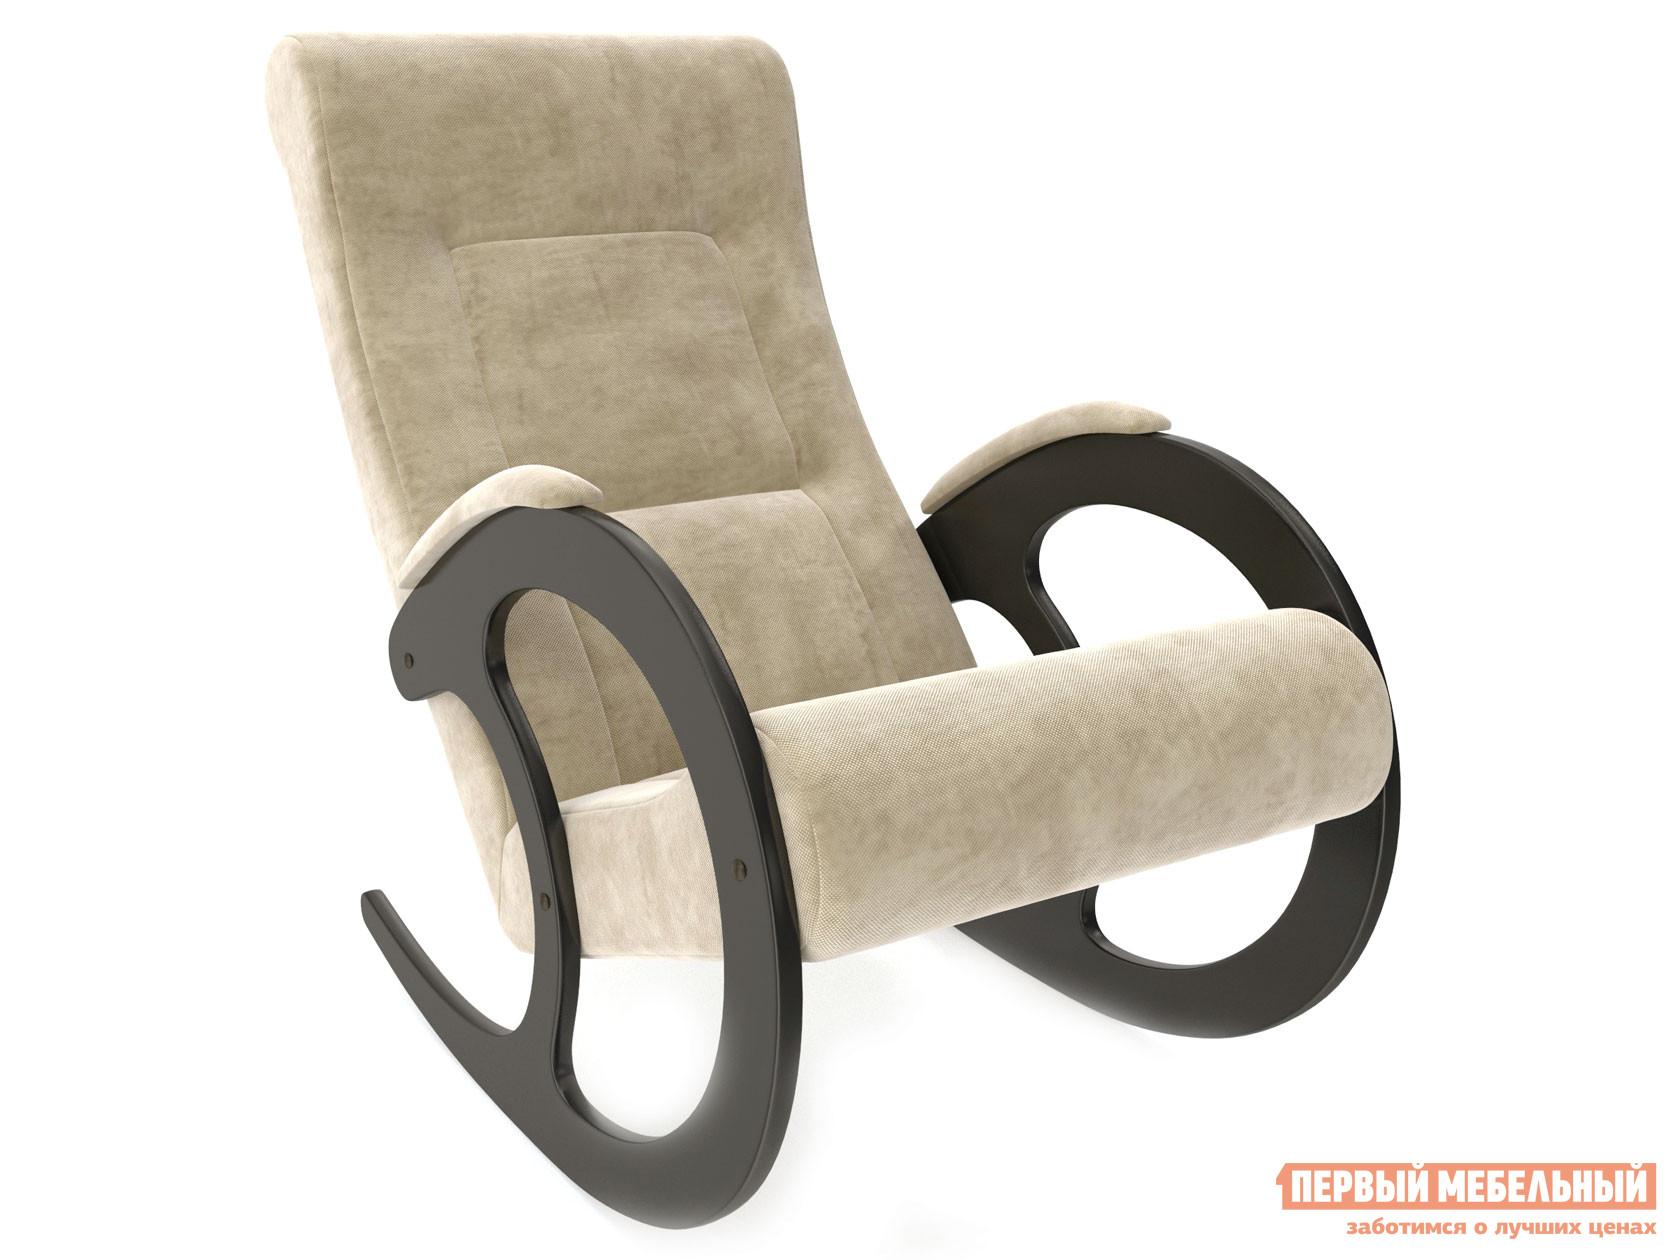 Кресло-качалка  Блуа КР Венге, Verona Vanilla, велюр Мебель Импэкс 99919